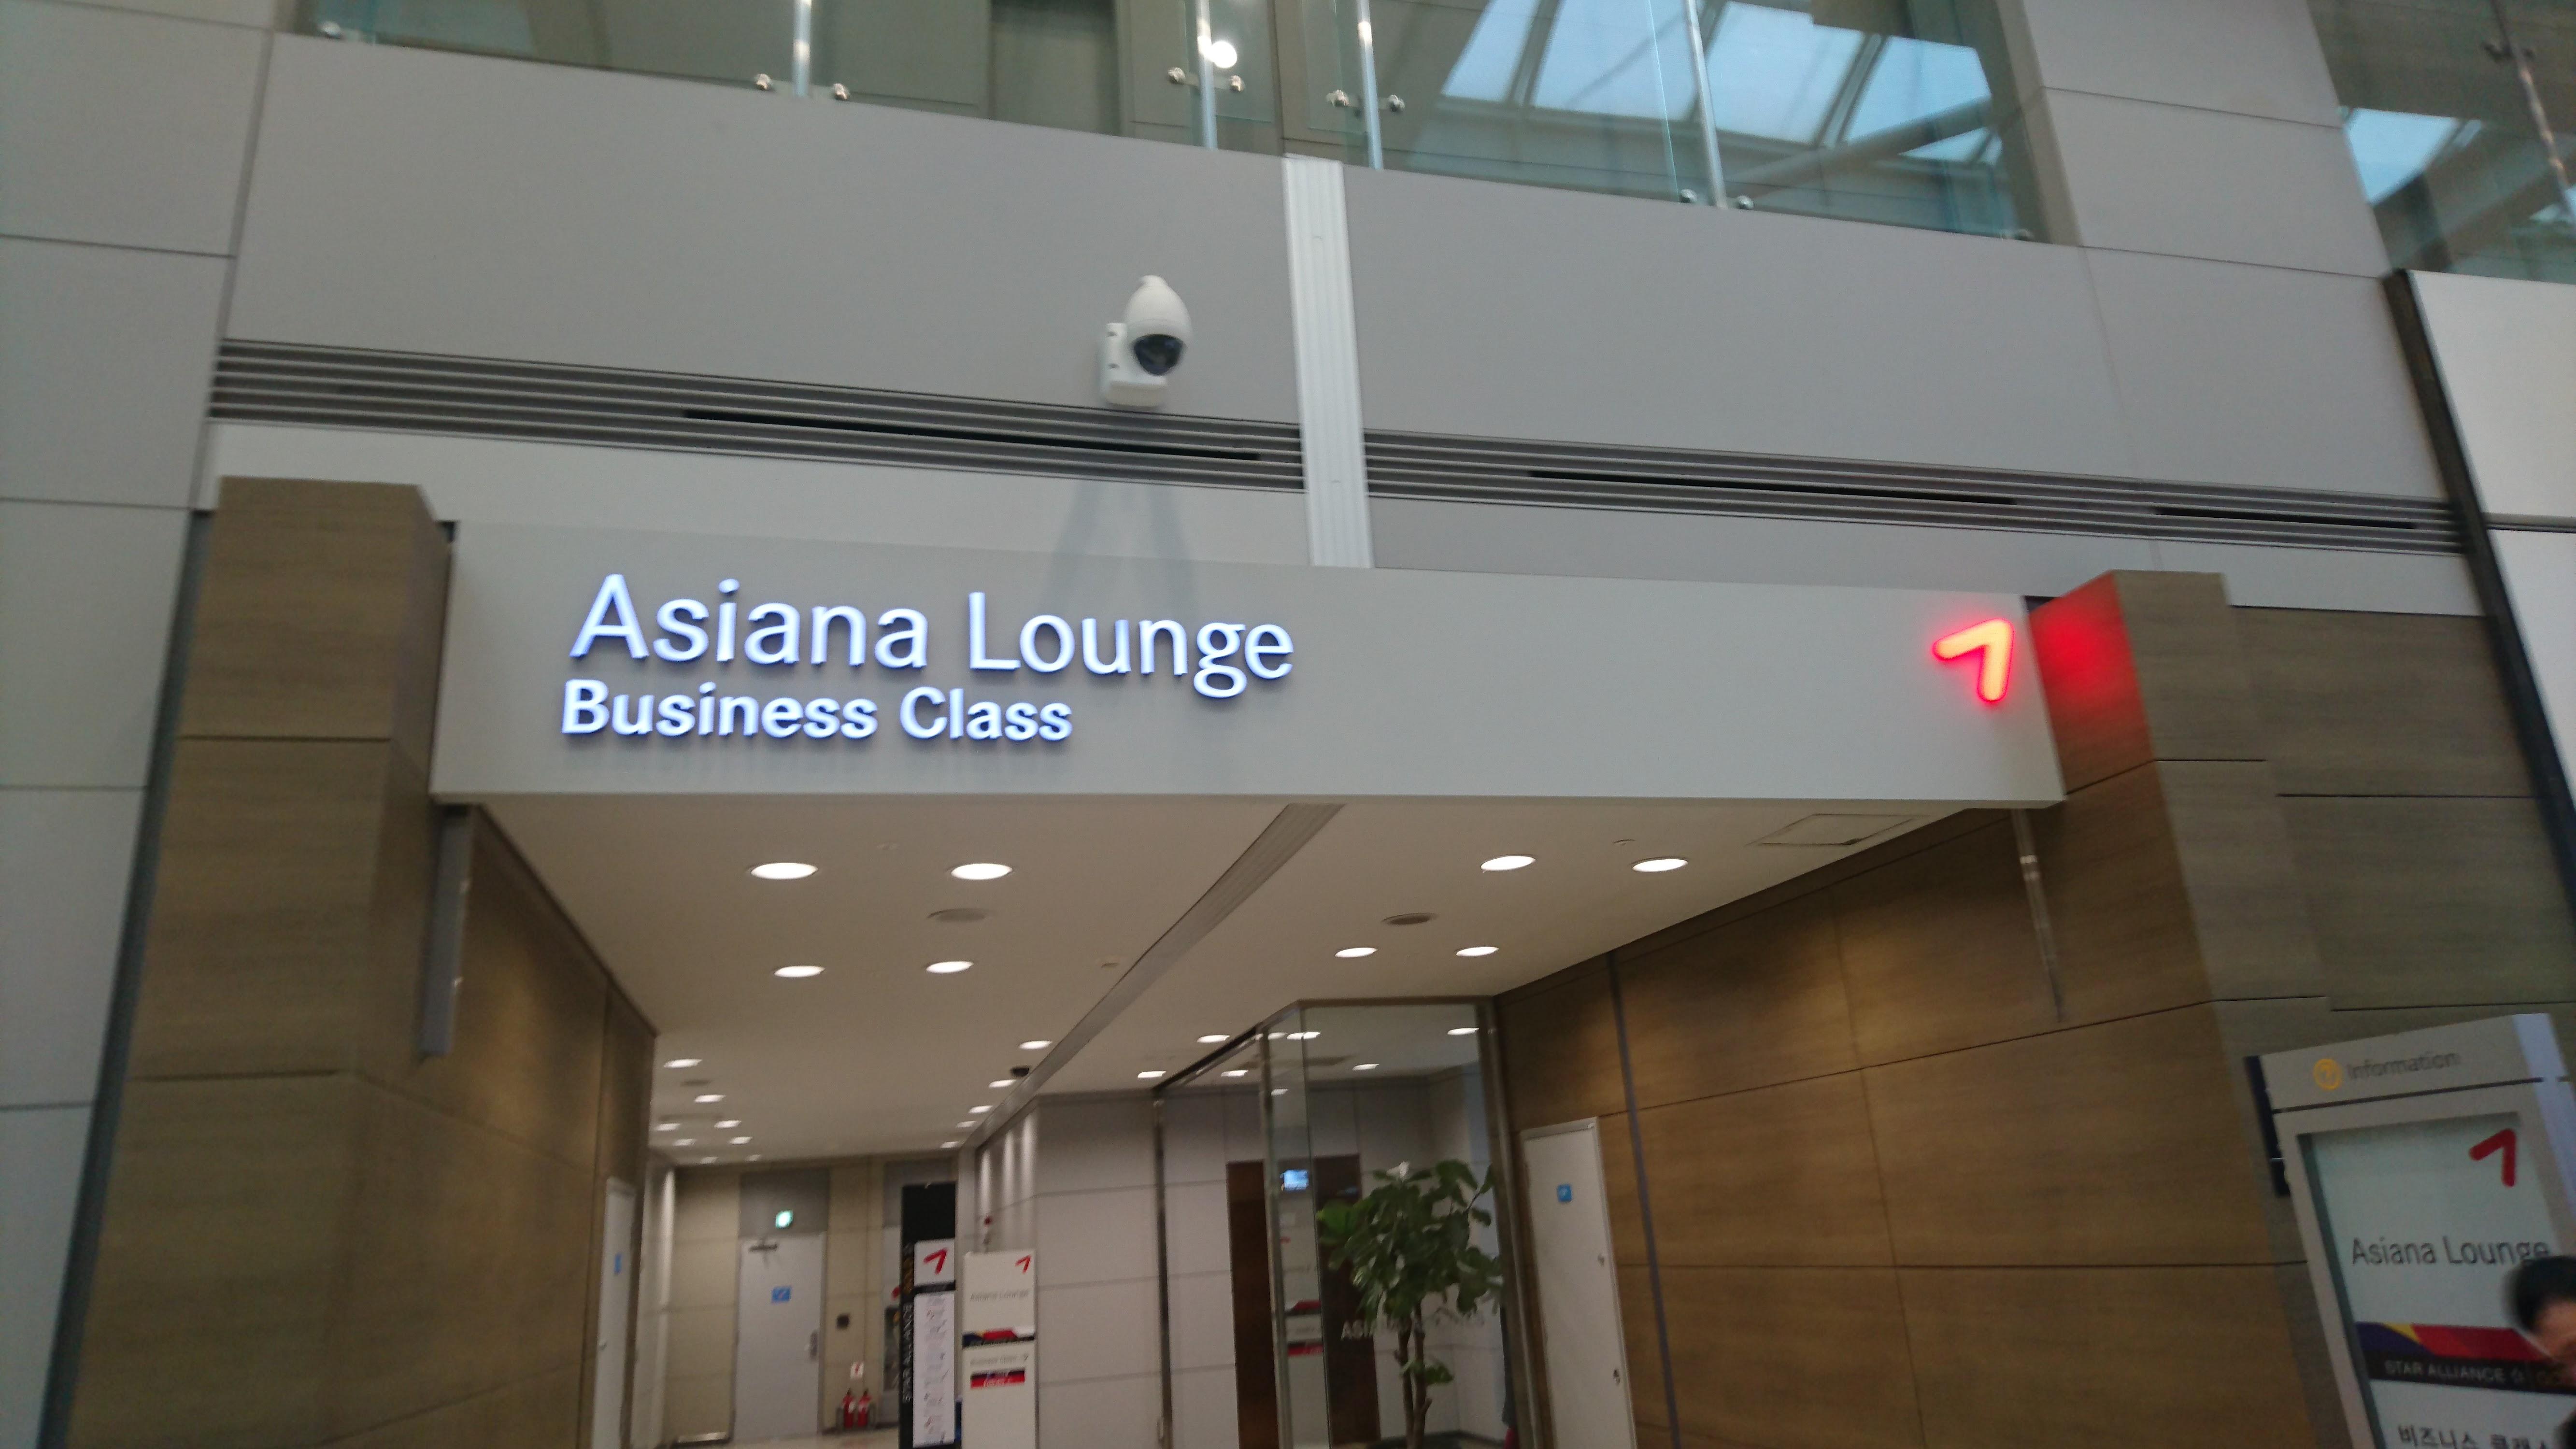 アシアナ航空ラウンジ 「ビジネスクラスラウンジ」